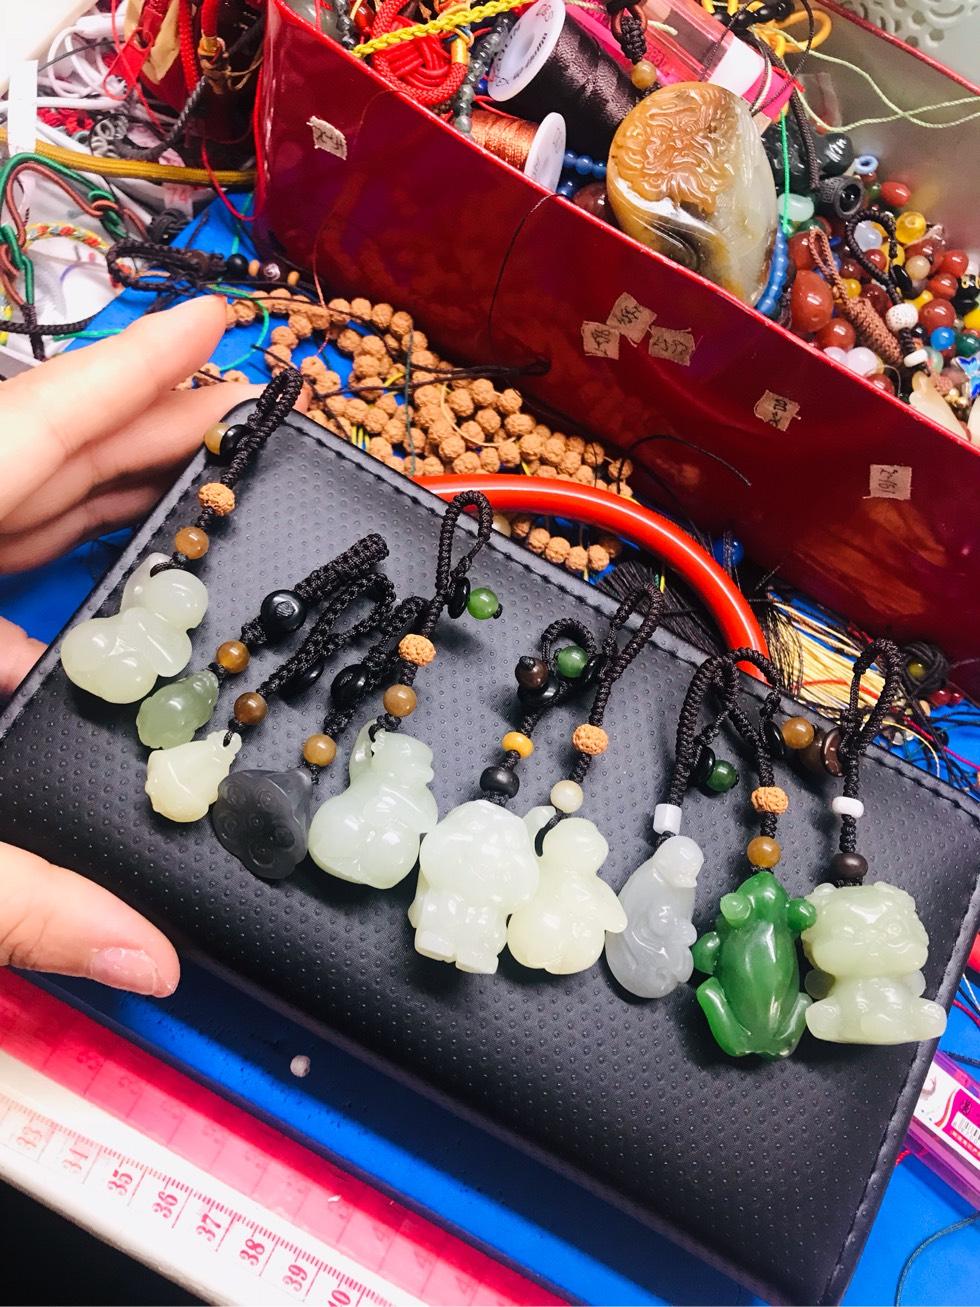 中国结论坛 多样编织 毛线帽子的编织方法,毛线编织教程,编织帽子,编织毛线帽子,毛线编织 作品展示 170425asaoojemrasgnggj